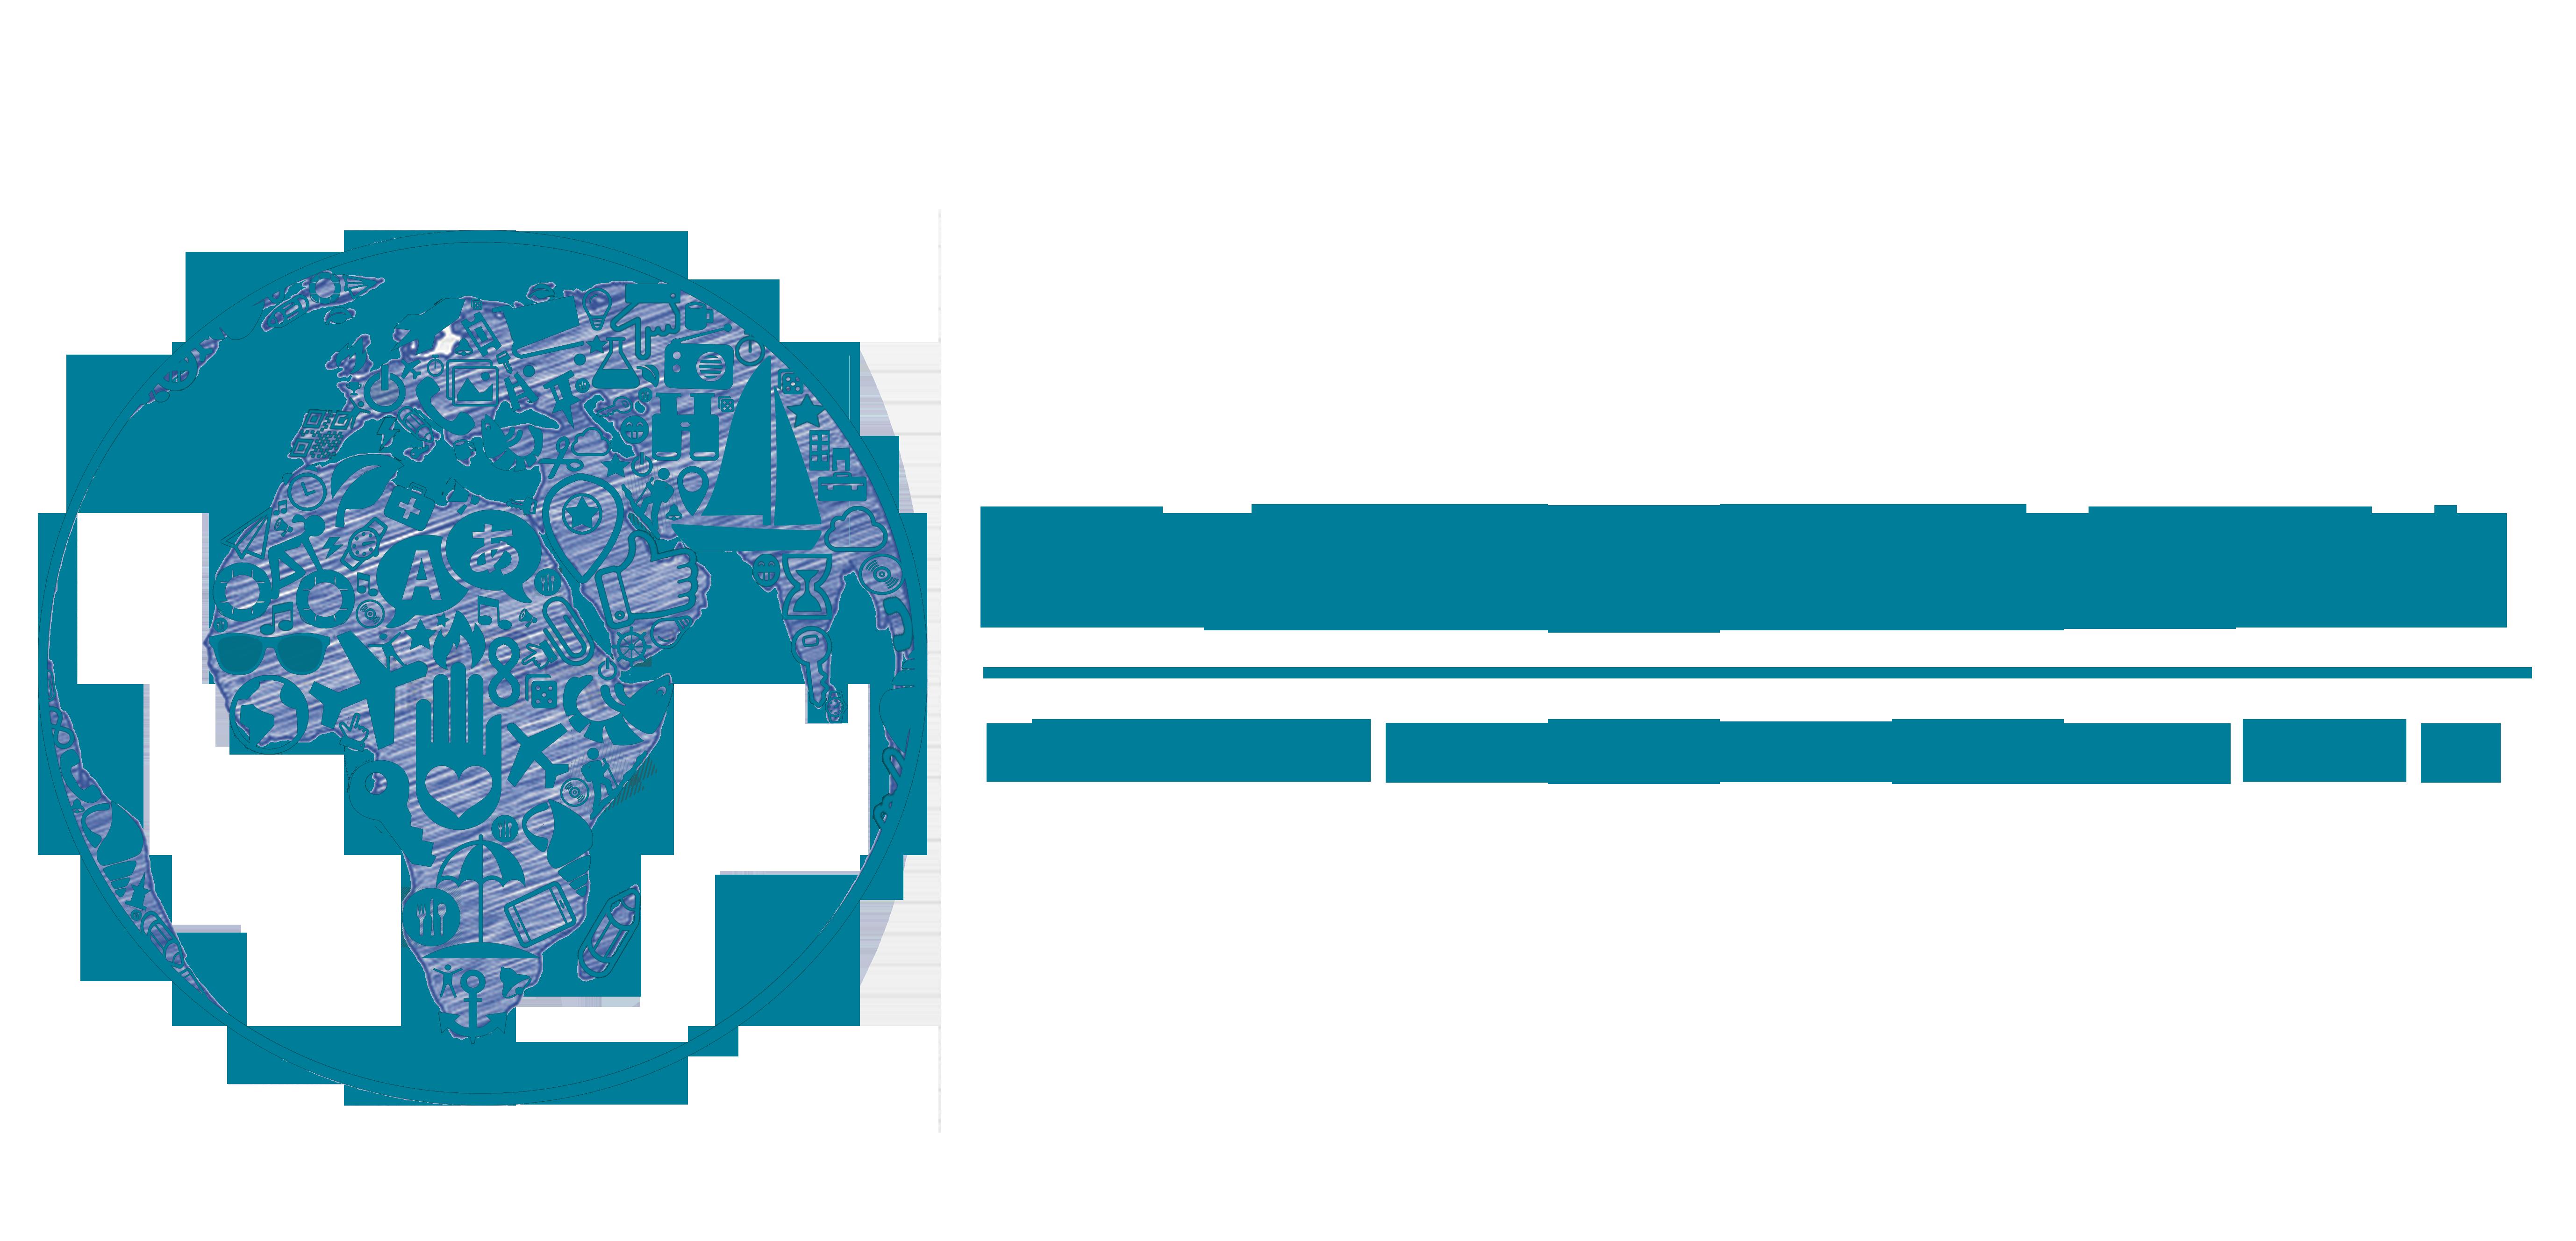 Oficina internacional campus gand a upv for Oficina internacional de epizootias